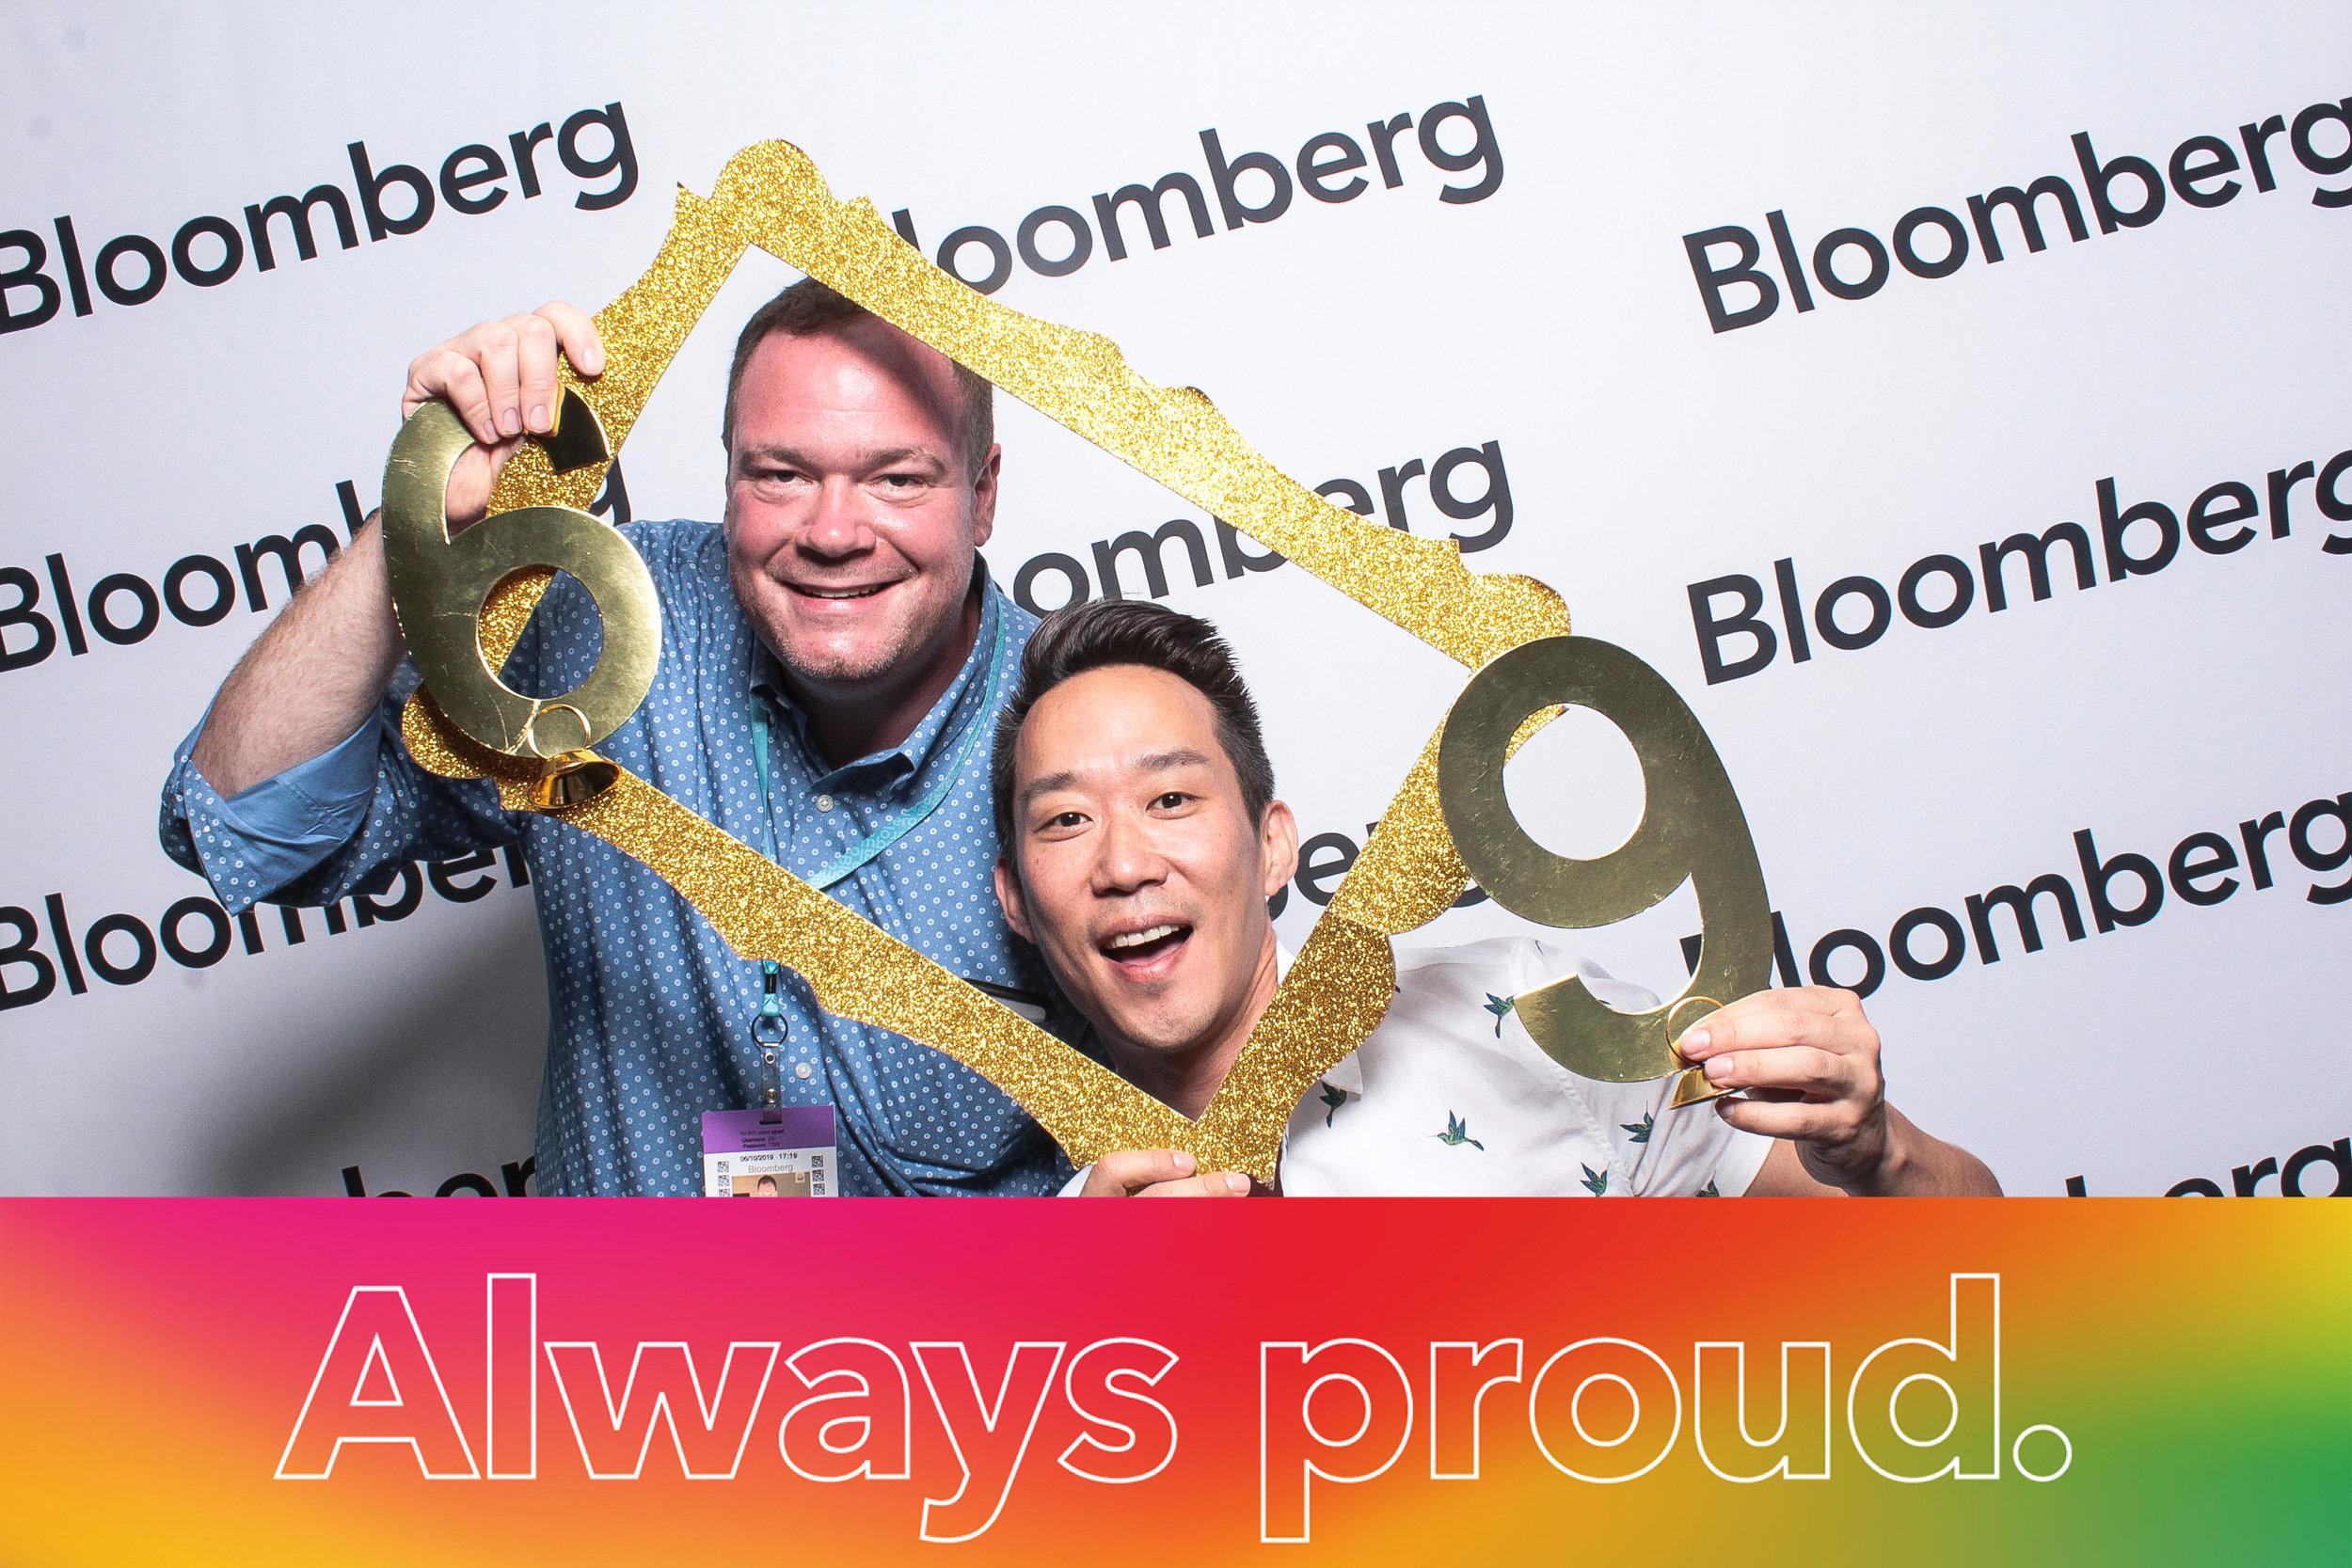 20190610_Bloomberg-128.jpg